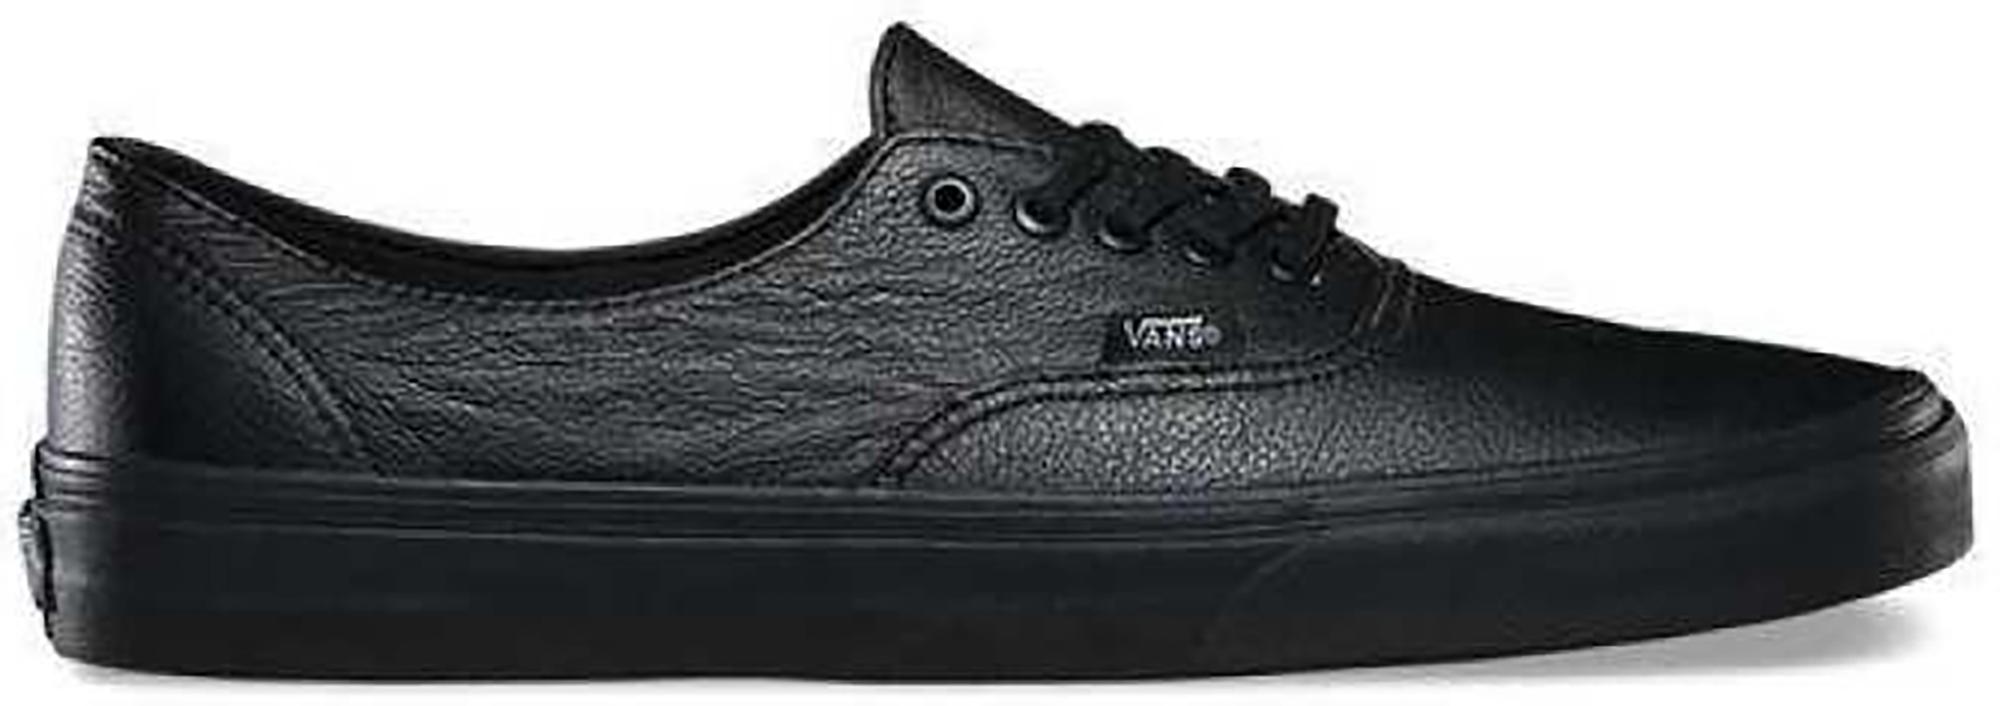 Vans Authentic Decon Premium Leather